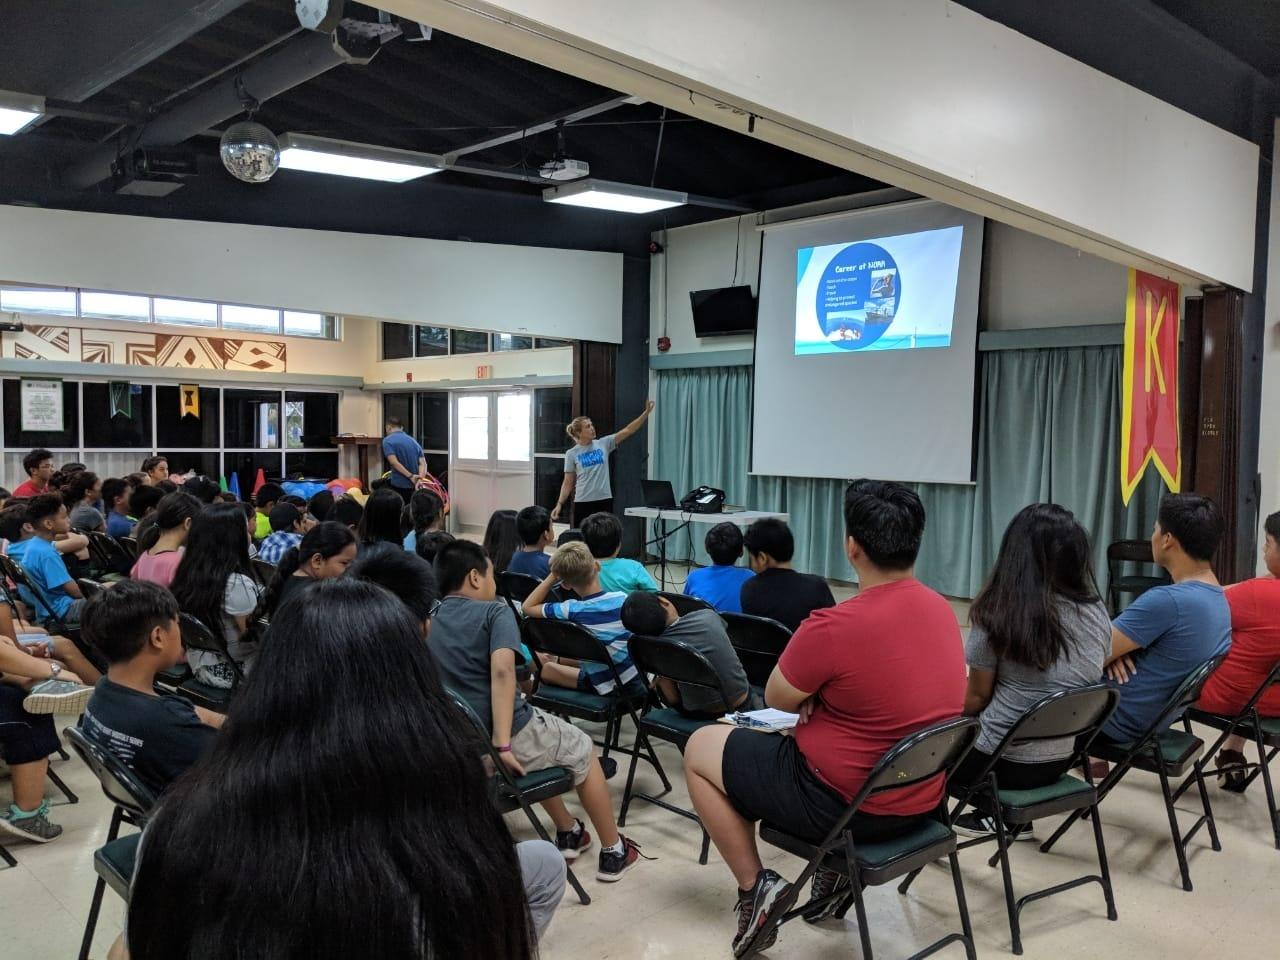 Ali giving a presentation at Camp Maga'lahi 2018.